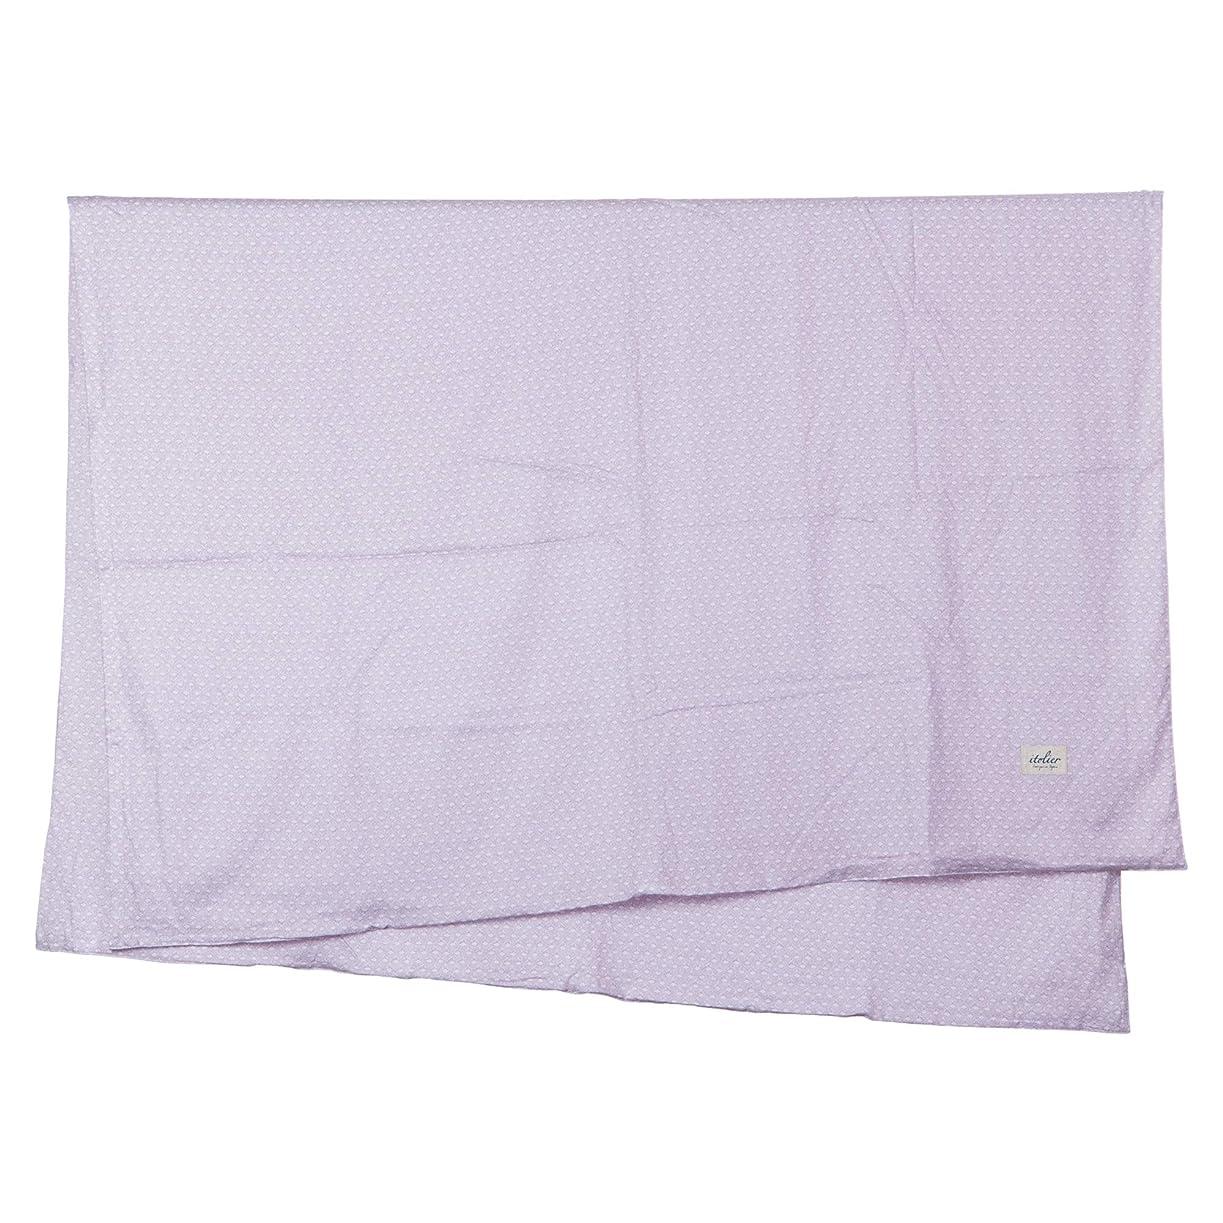 謎実業家準備した西川(Nishikawa) 掛け布団カバー ピンク シングル イトリエ しなやか コットン リヨセル 日本製 着脱簡単 PI09850040P